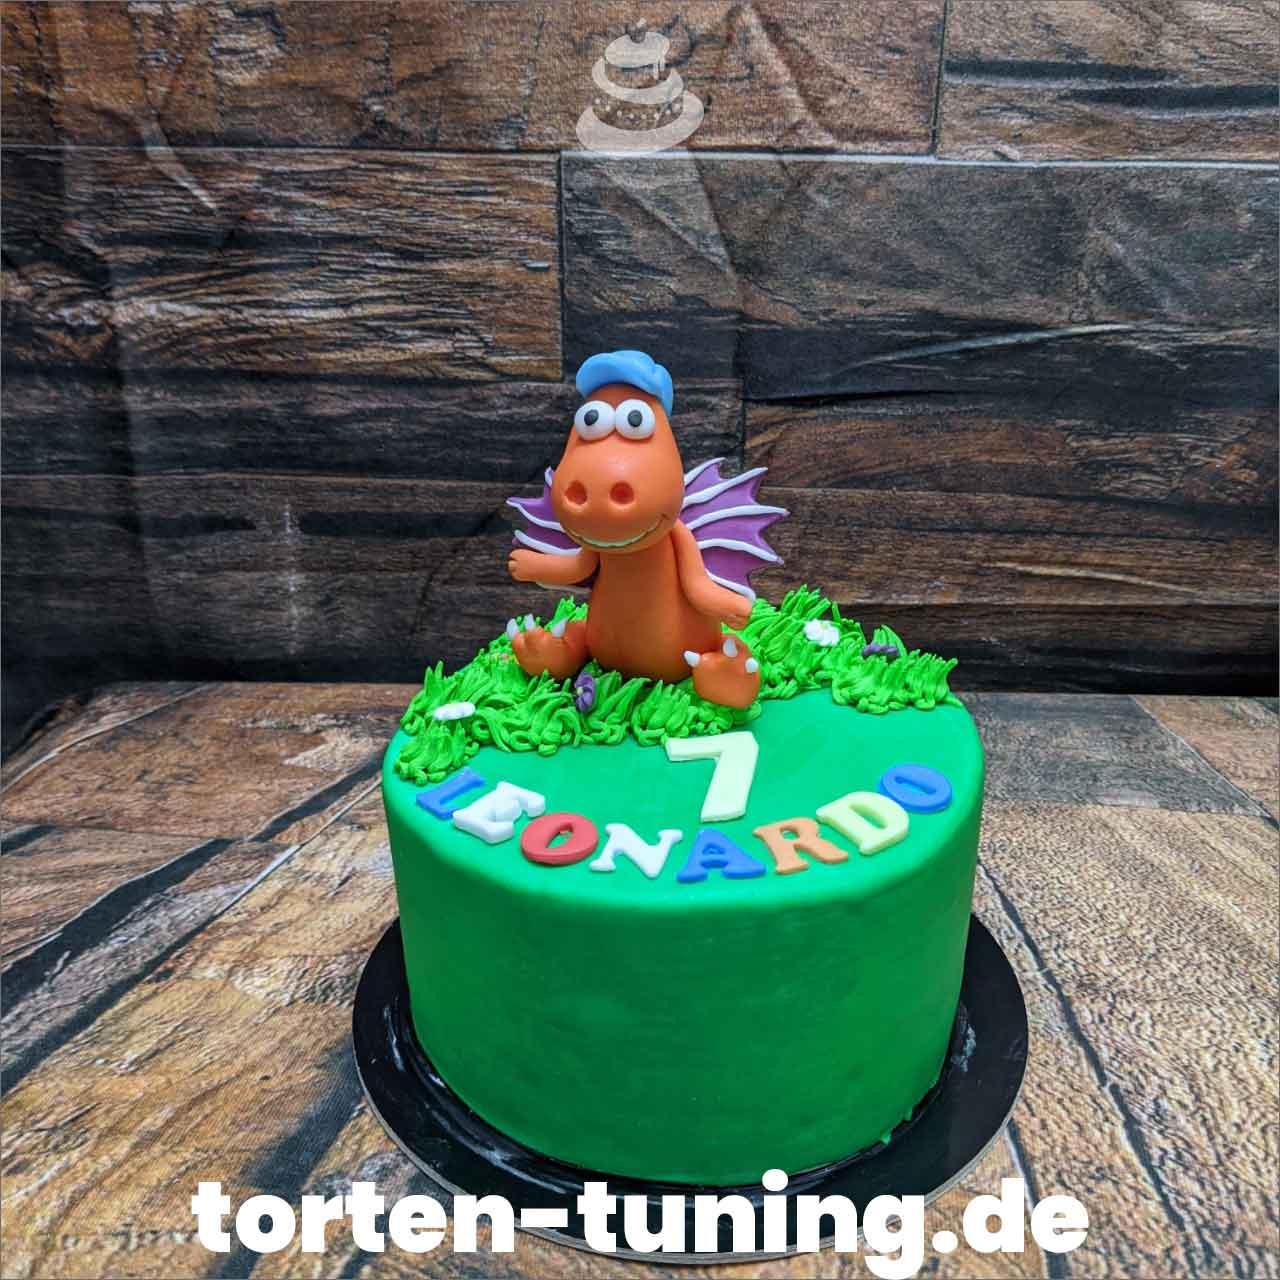 Drache Kokosnuss Torten Tuning Tortendekoration Geburtstagstorten Suhl Thüringen Backzubehörshop online bestellen Jugendweihe modellierte Figur